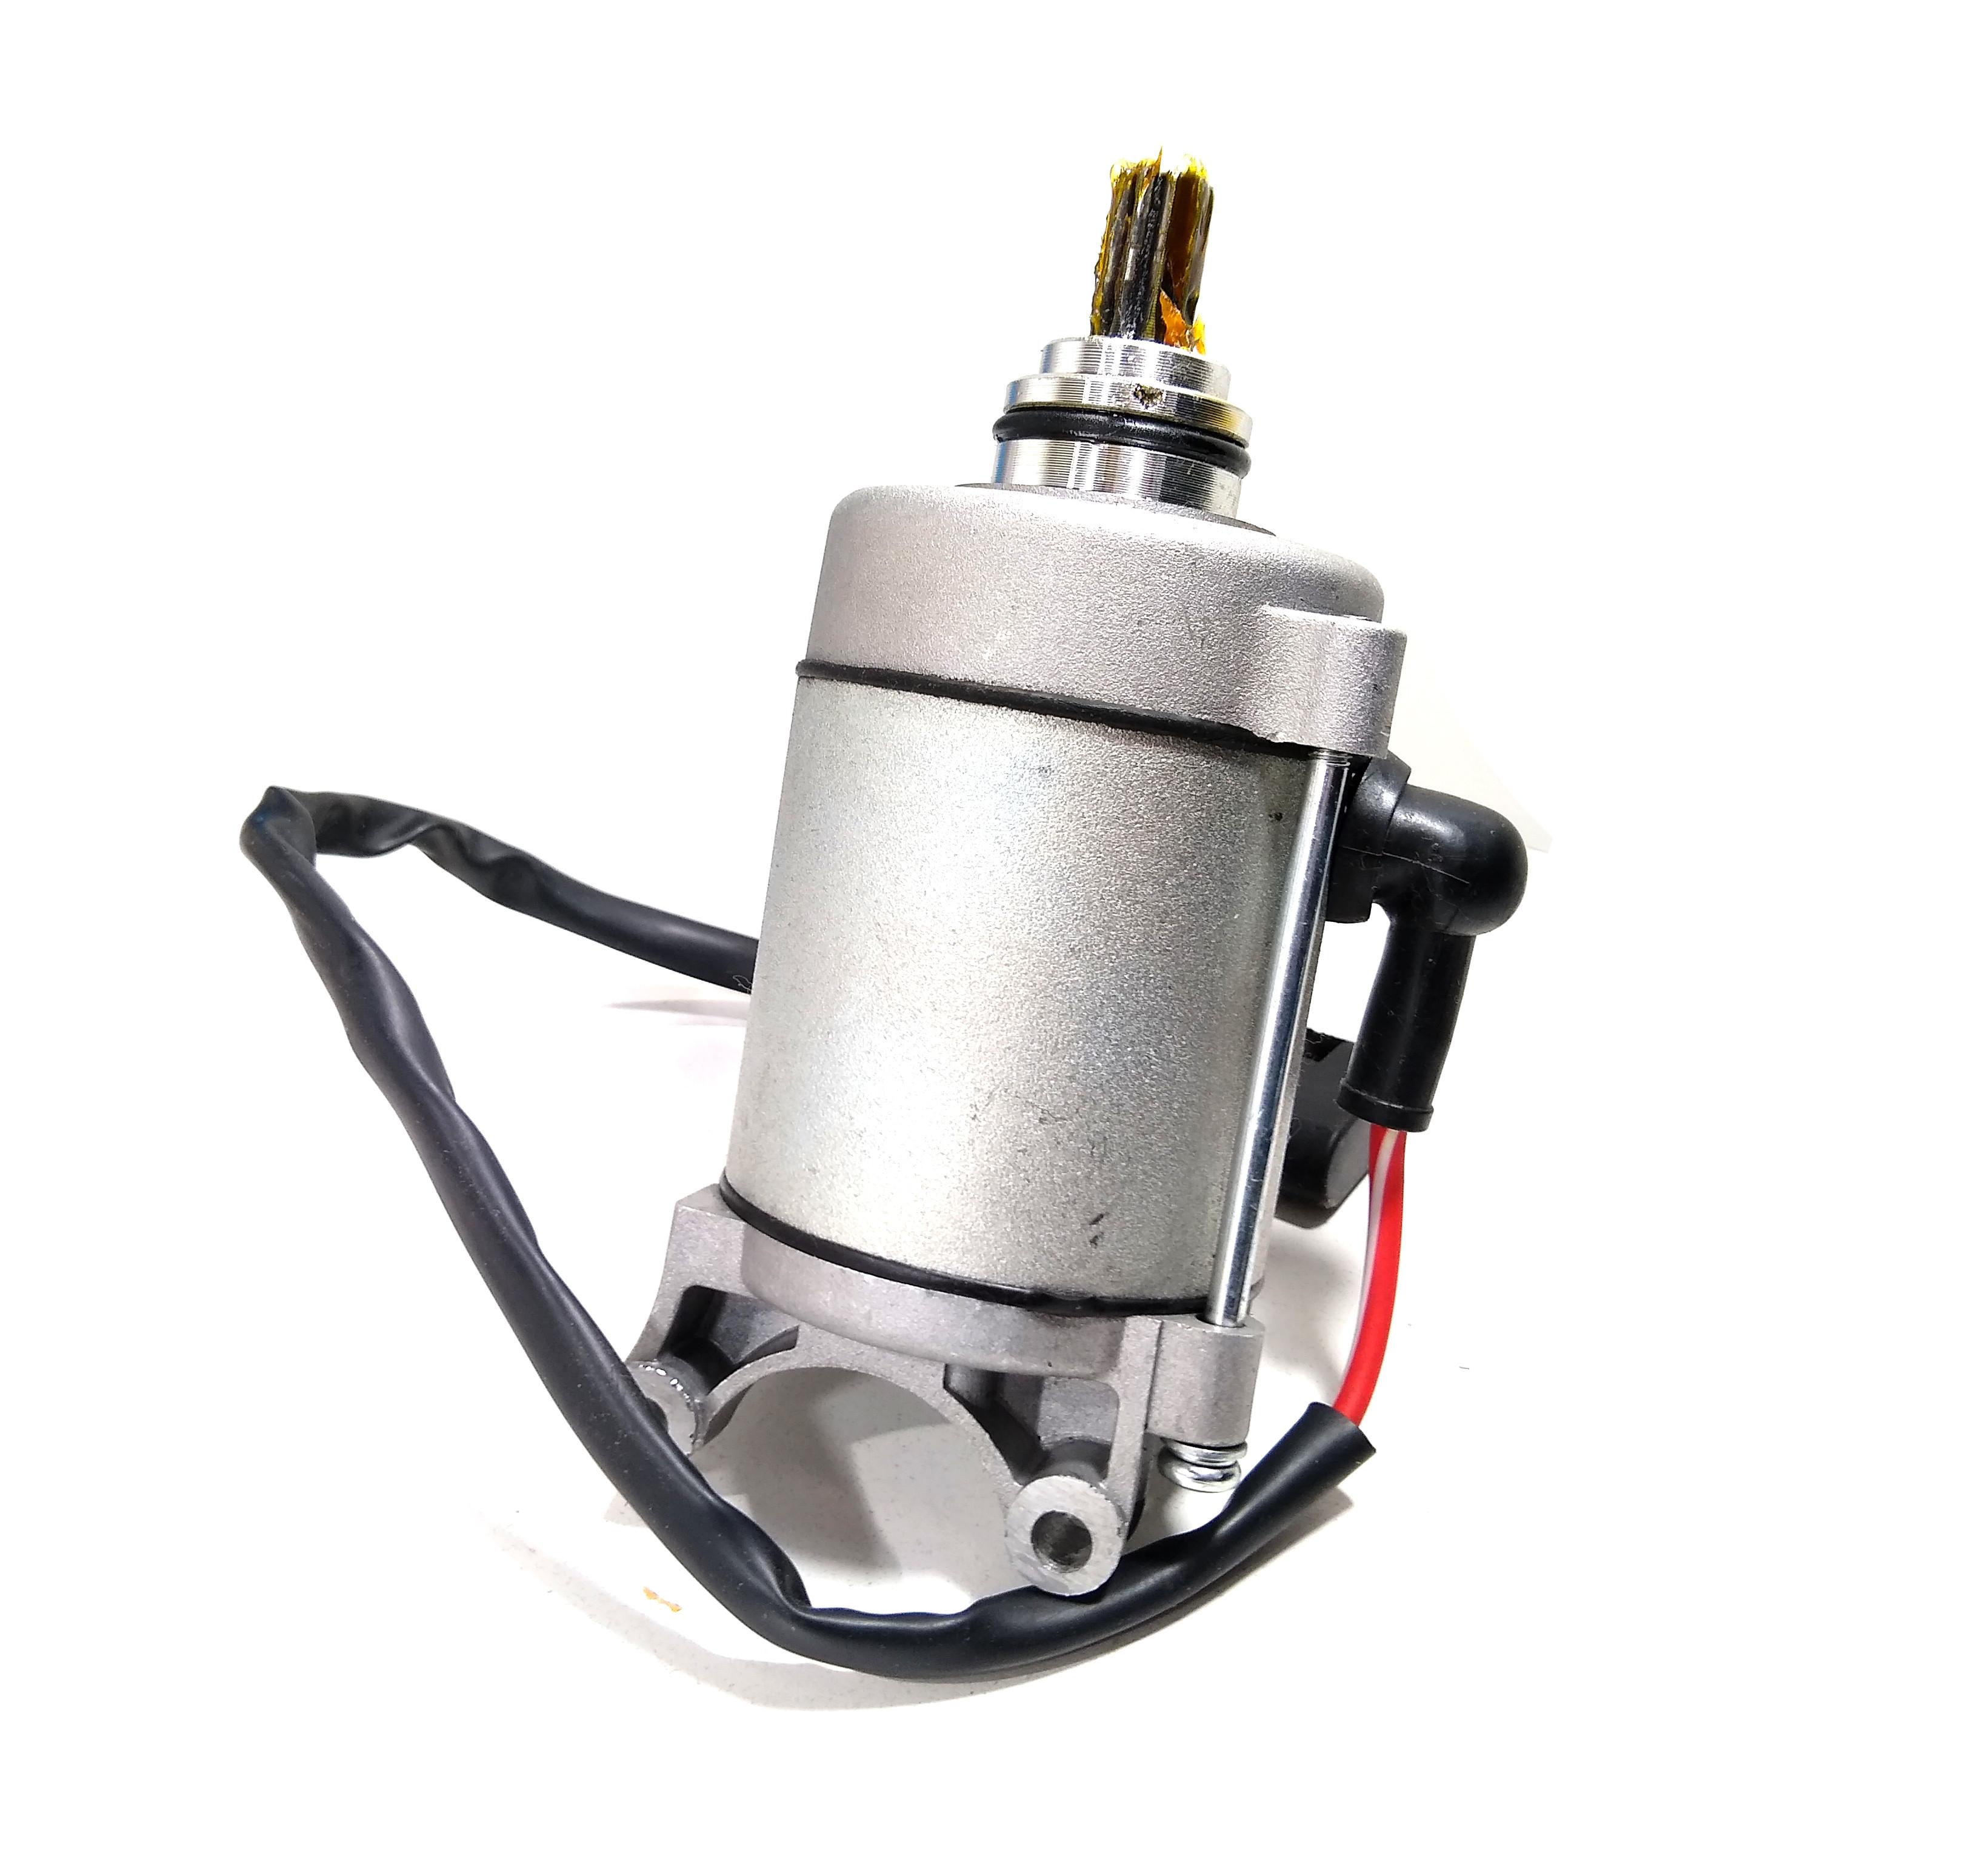 Motor Burro Arranque Motomel Cg 150 Zanella Rx 150